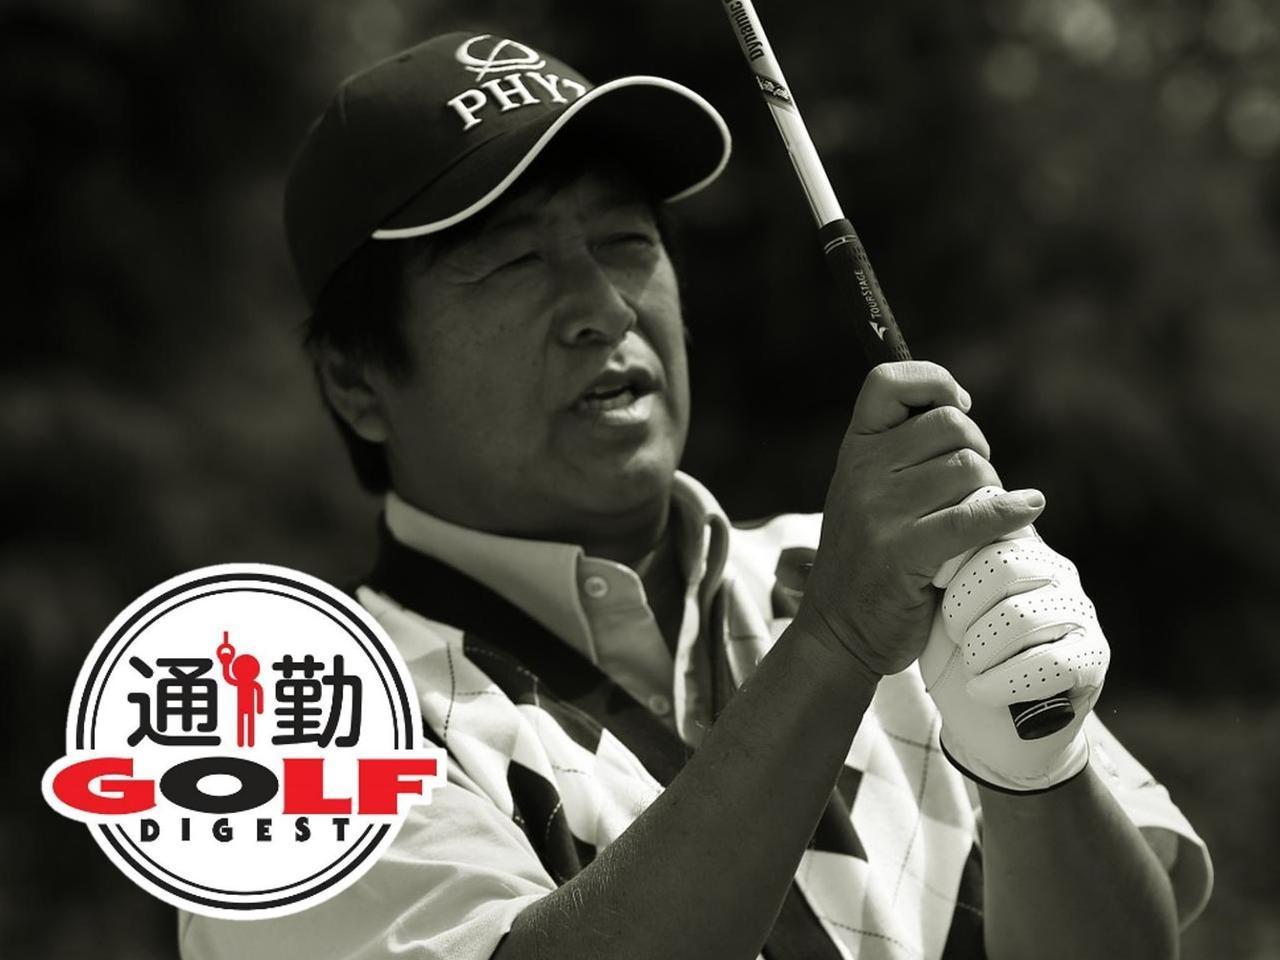 画像: 【通勤GD】迷ったとき、ユハラに帰れ!Vol.2 スウィングは、〇か✖よりもグラデーション ゴルフダイジェストWEB - ゴルフへ行こうWEB by ゴルフダイジェスト